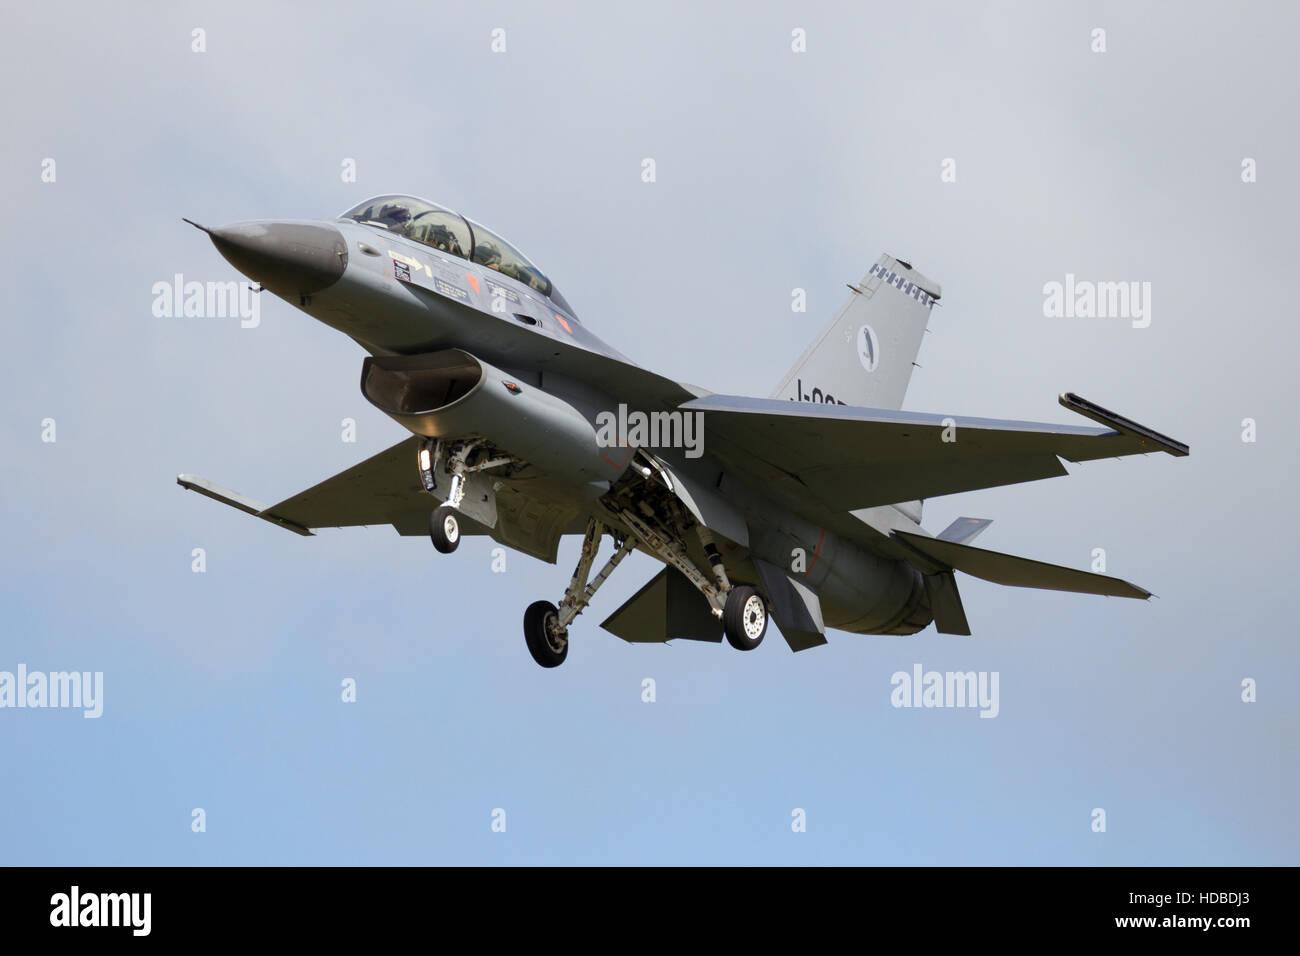 Royal Netherlands Air Force F-16 fighter jet plane landing - Stock Image